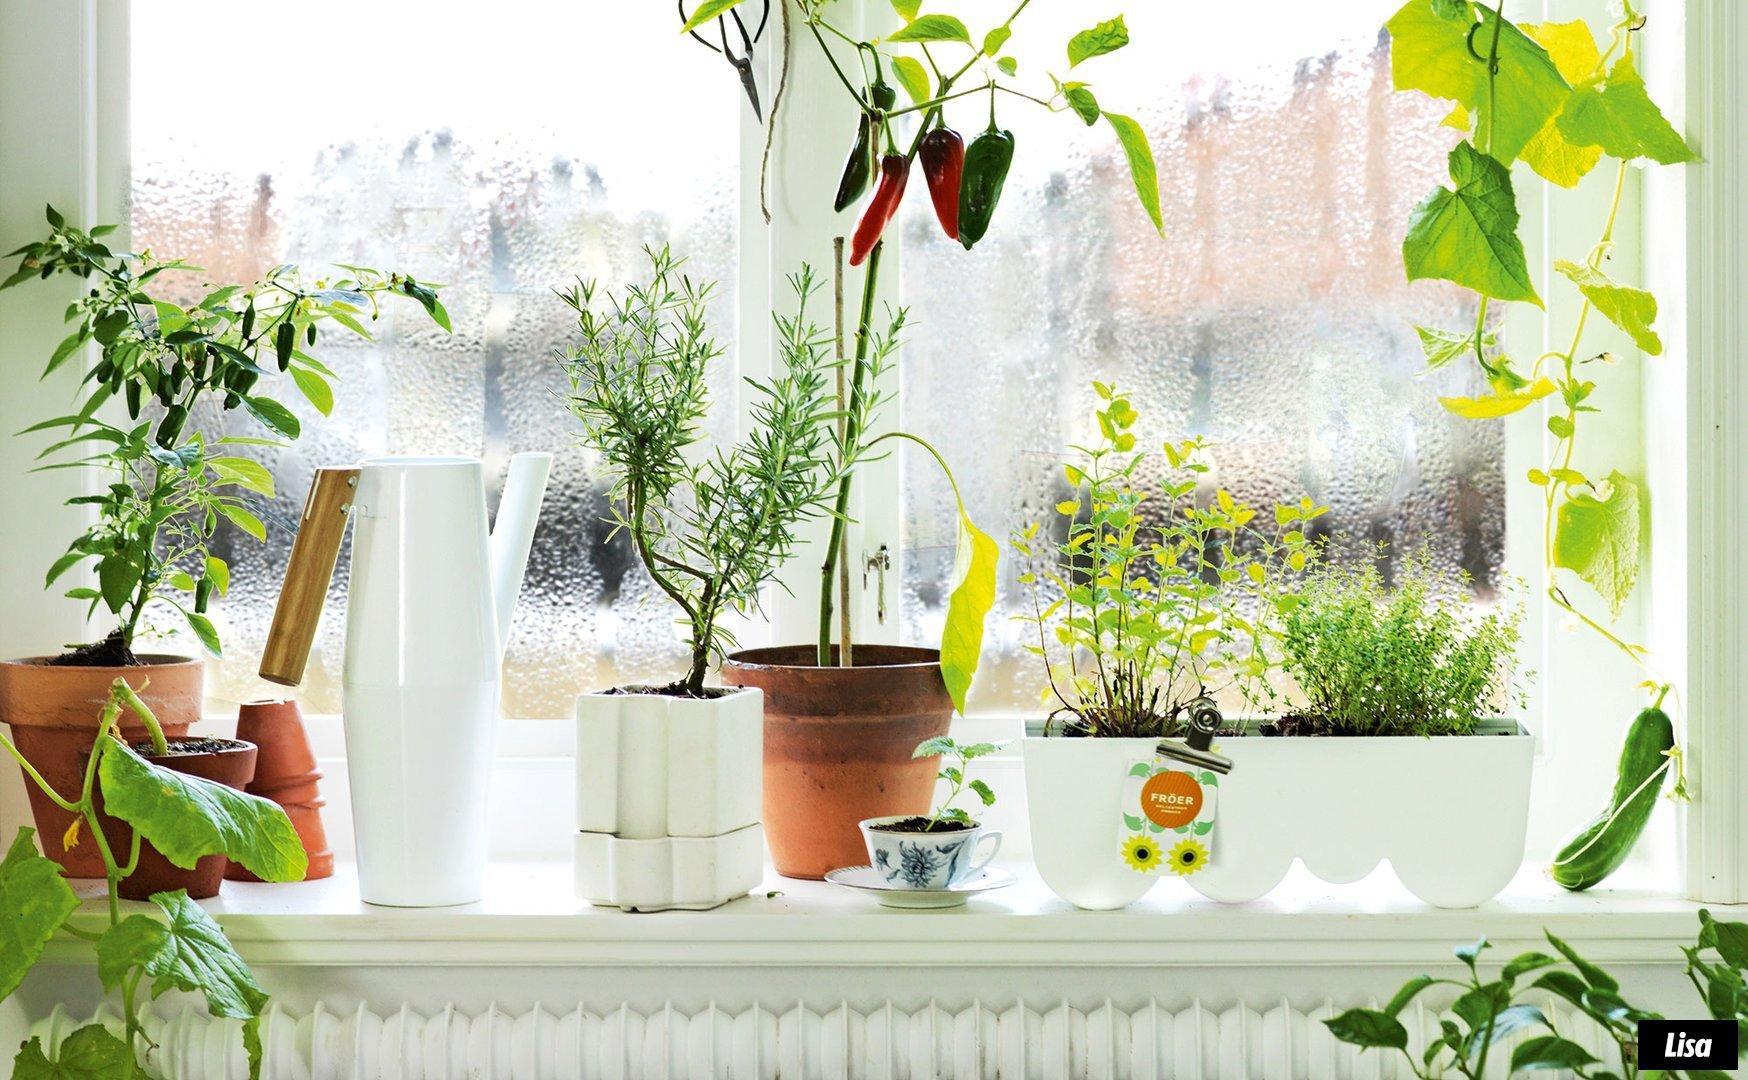 Большое количество растений на окнах помогает избавиться от чрезмерной сухости